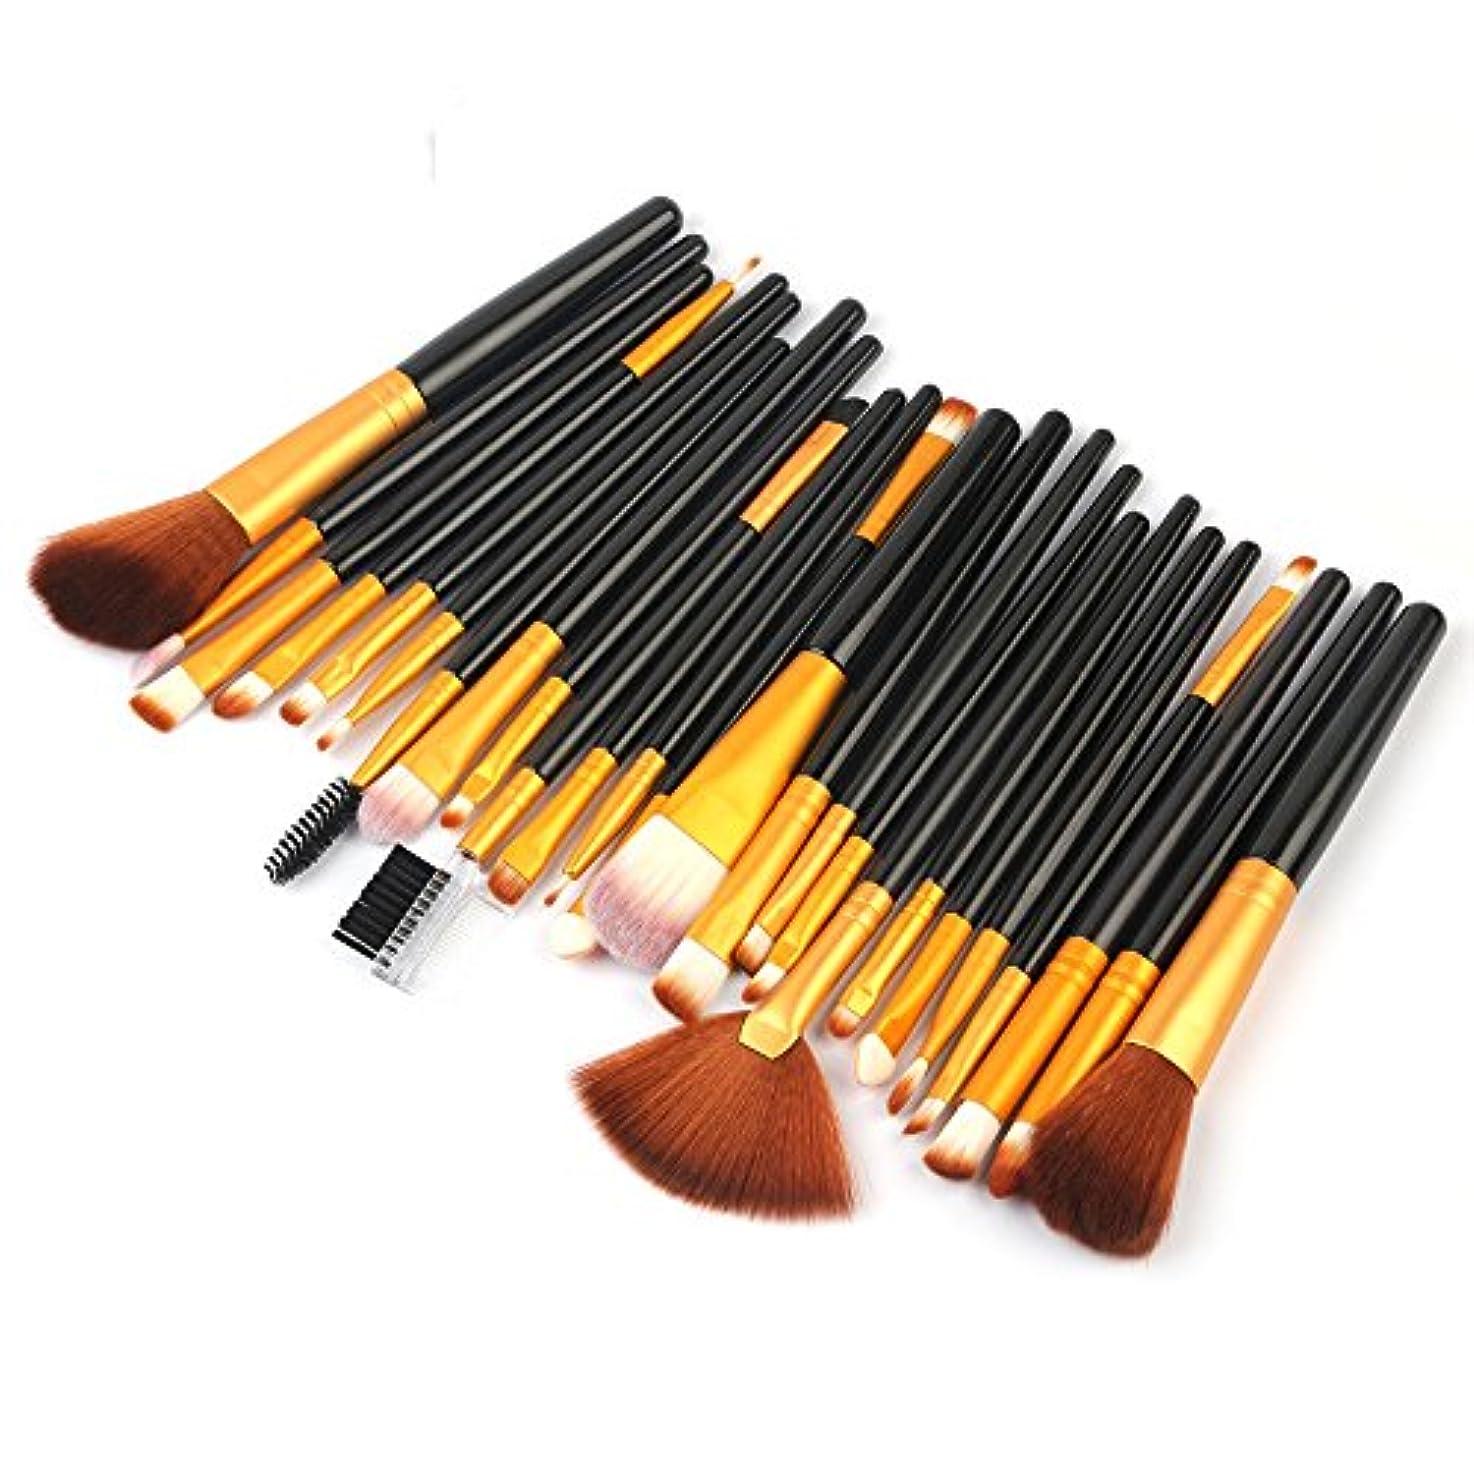 悲惨なバリケードフレキシブルAkane 25本 プロ 高級 魅力的 高品質 綺麗 美感 たっぷり セート 多機能 使いやすい おしゃれ 便利 柔らかい 激安 日常 仕事 Makeup Brush メイクアップブラシ HJ25